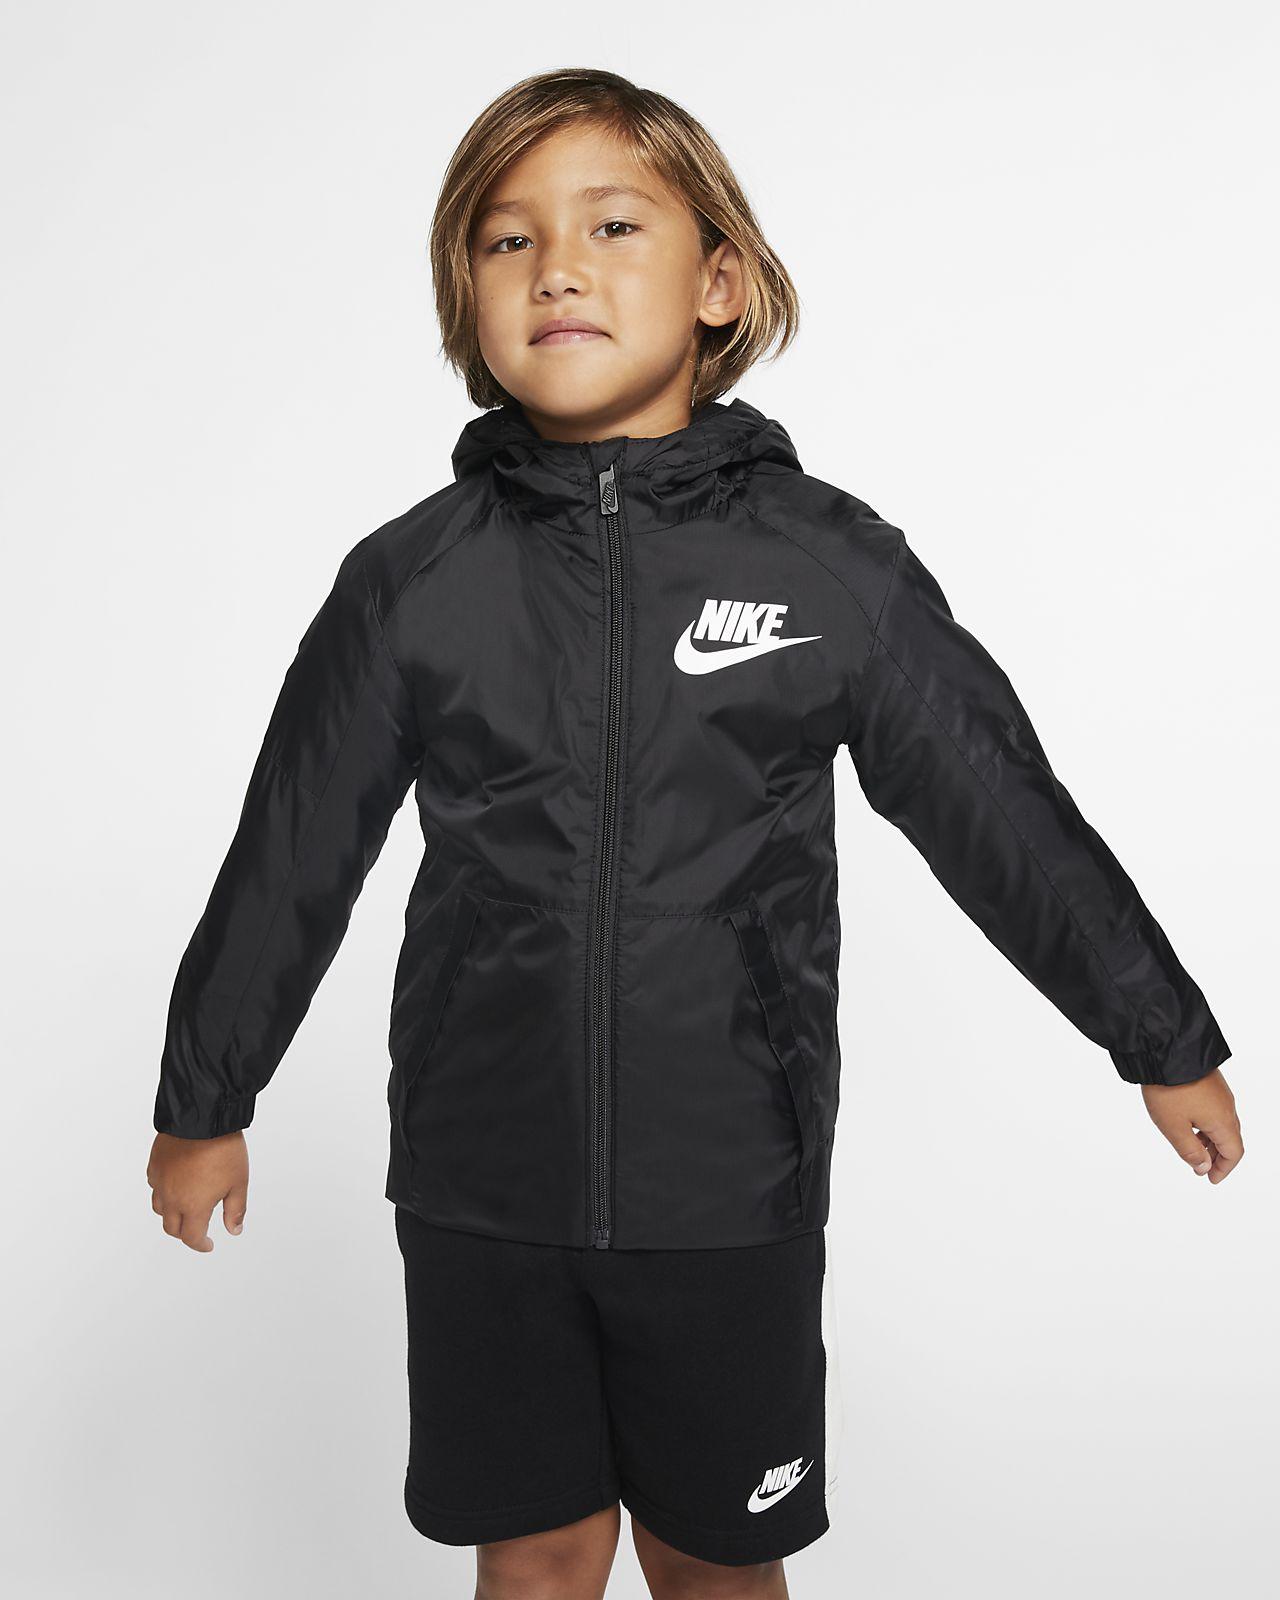 Τζάκετ Nike Sportswear για μικρά παιδιά